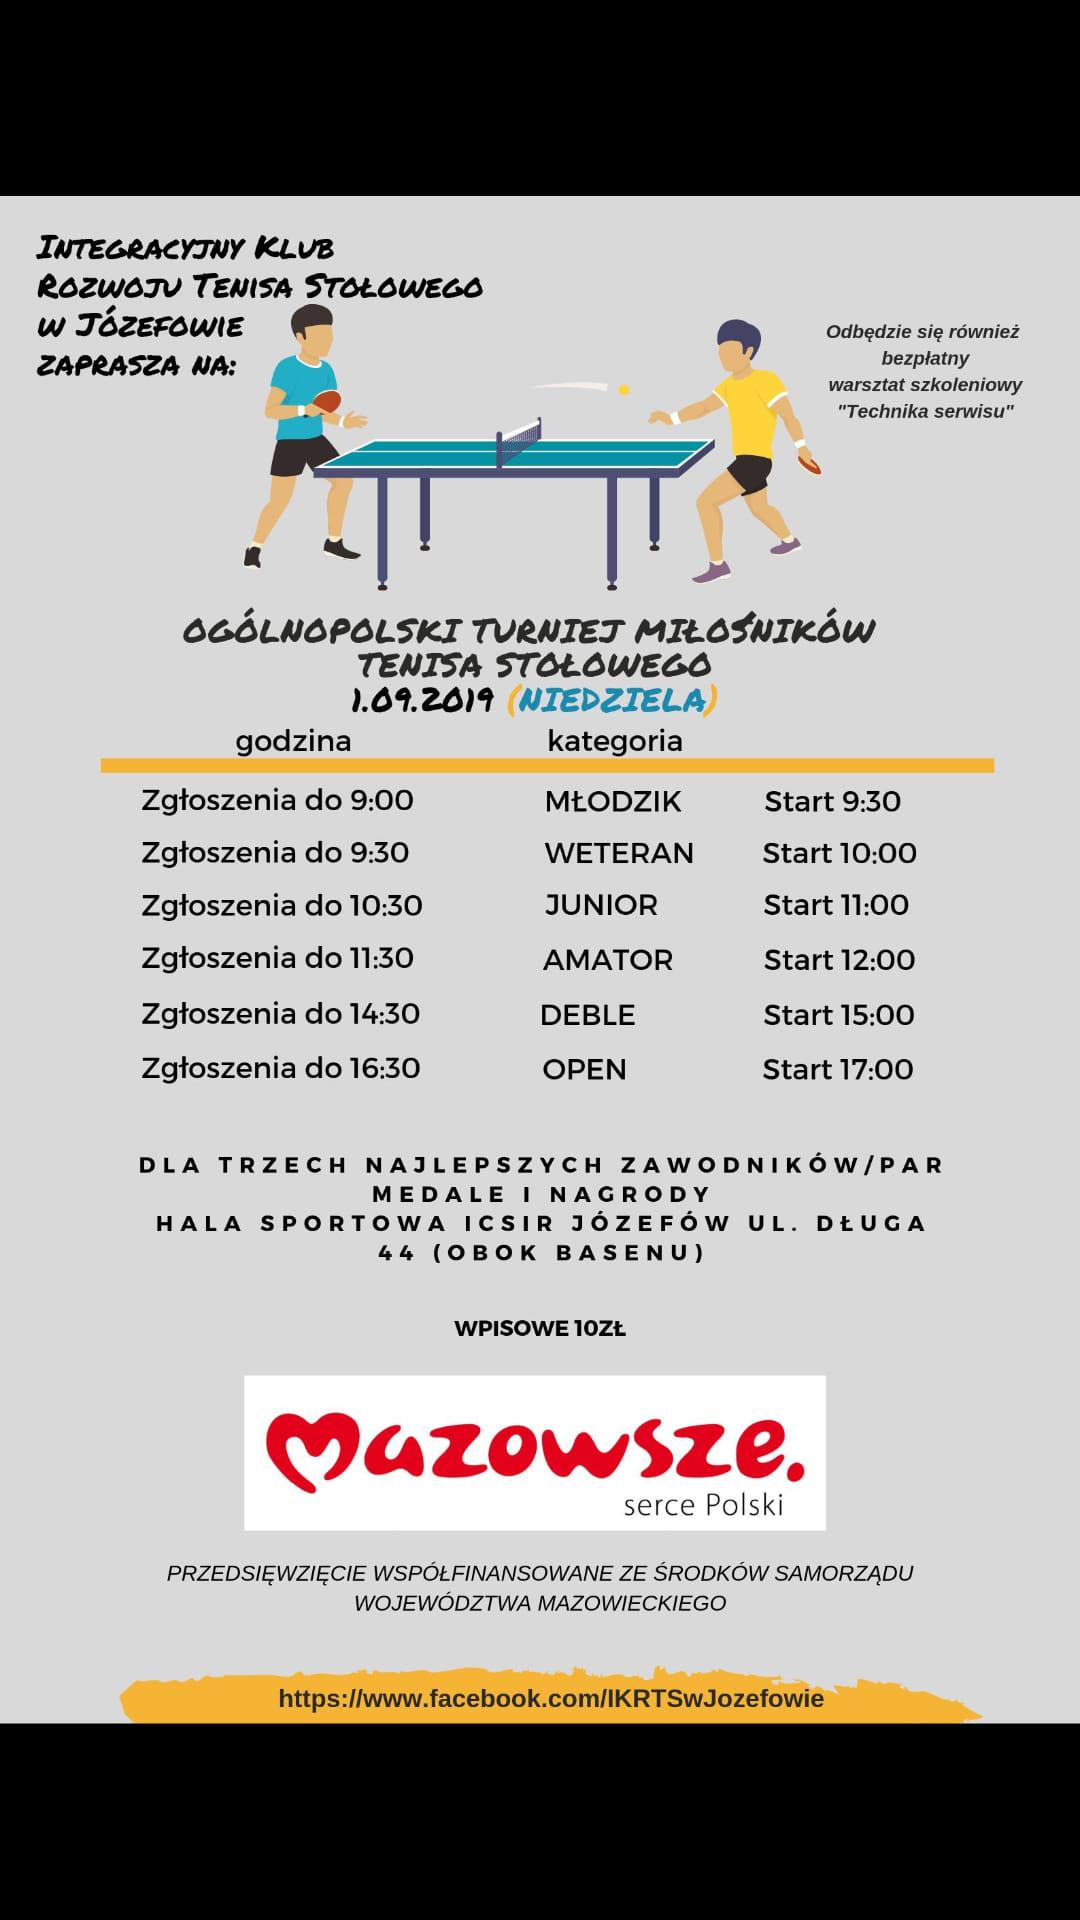 Plakat turnieju OGÓLNOPOLSKI TURNIEJ MIŁOŚNIKÓW TENISA STOŁOWEGO